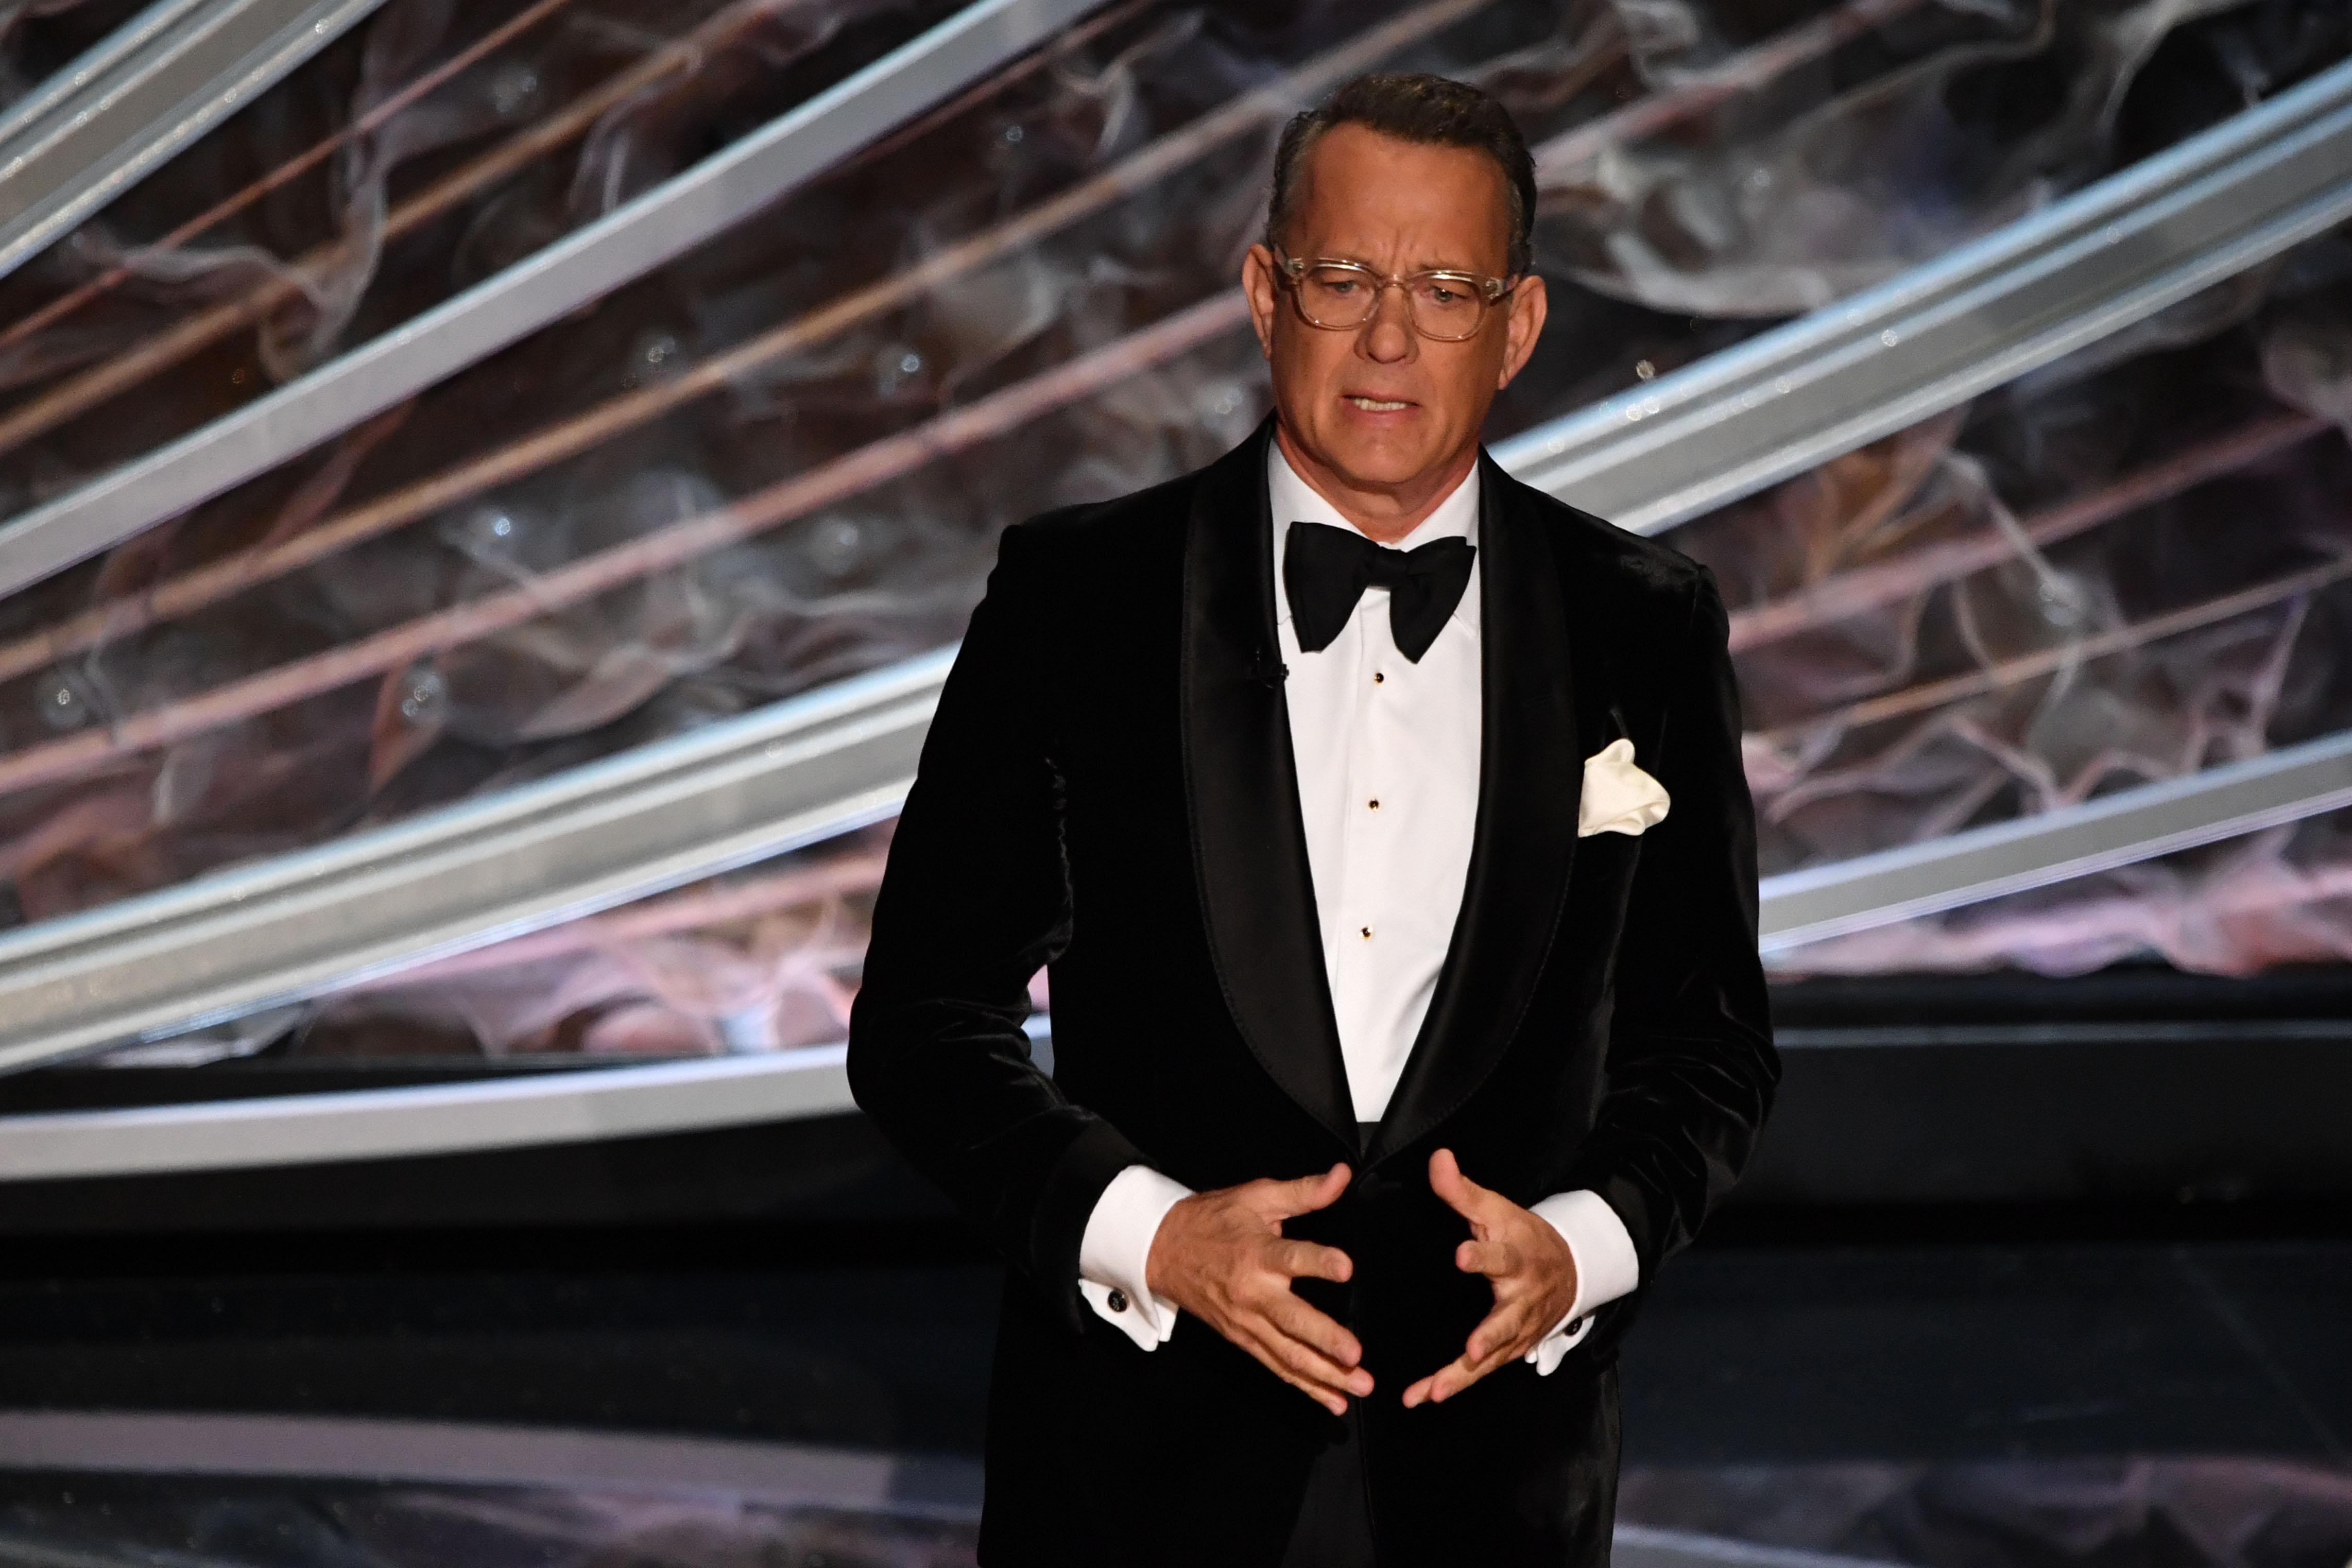 Tom Hanks announces positive test for coronavirus